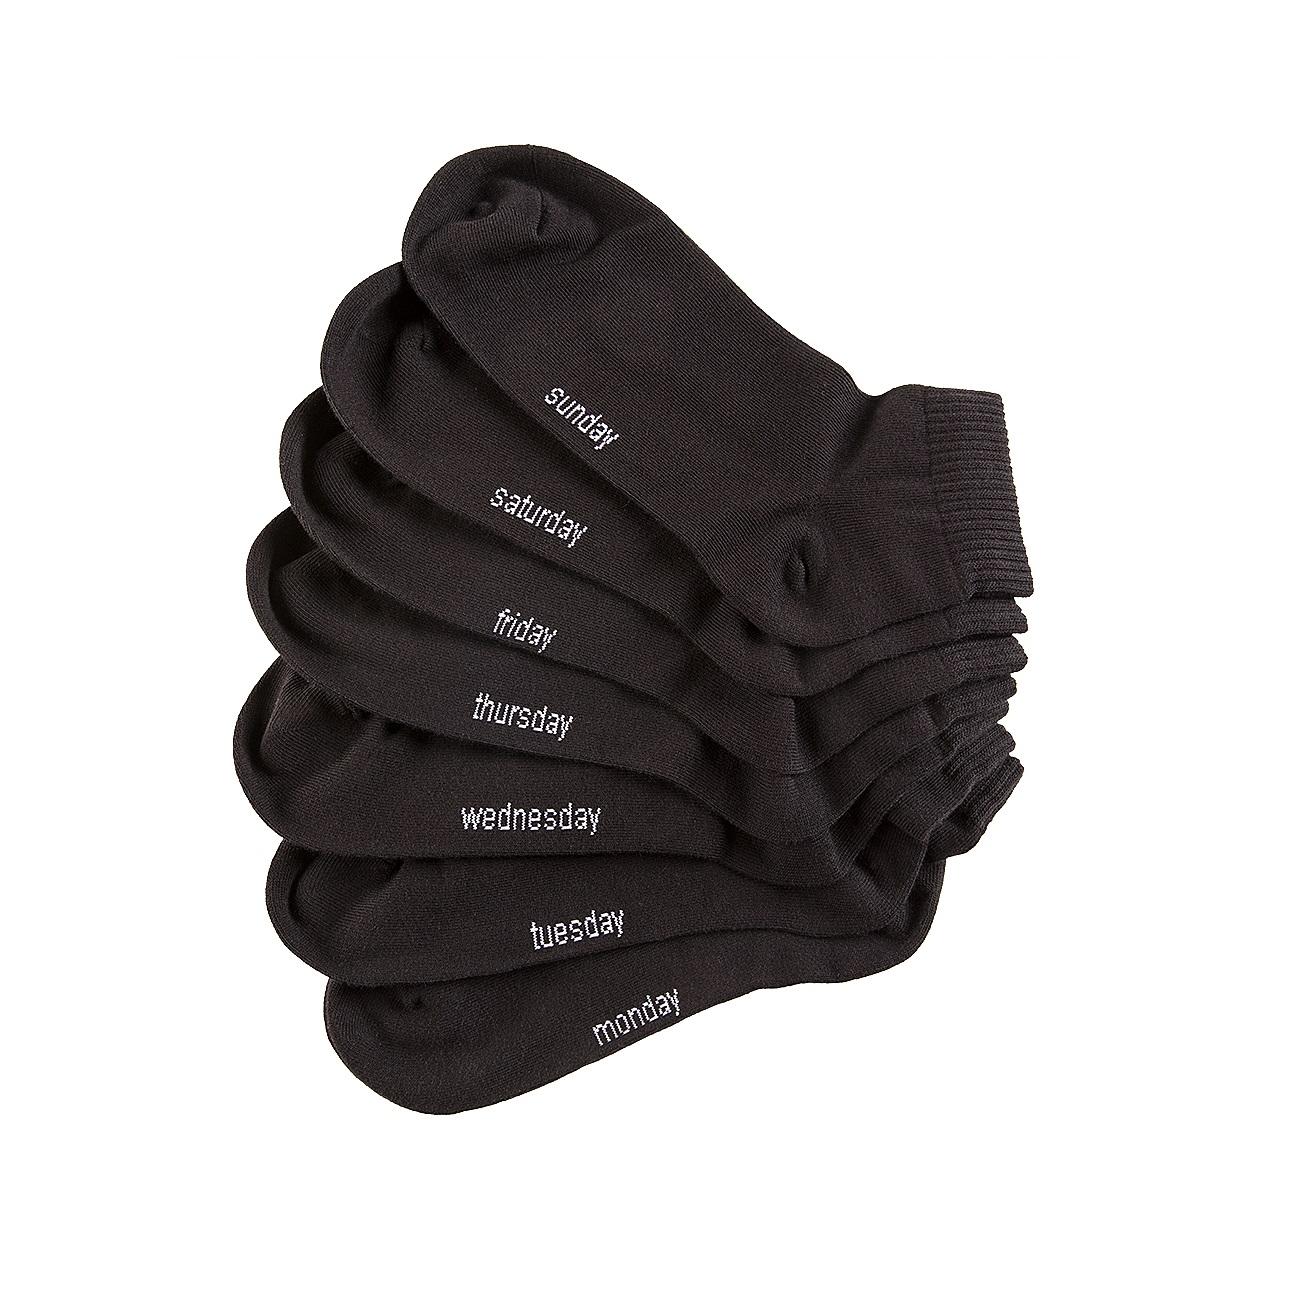 14 Paar Dailysoxx Quarter Everyday Socken für 19,99€